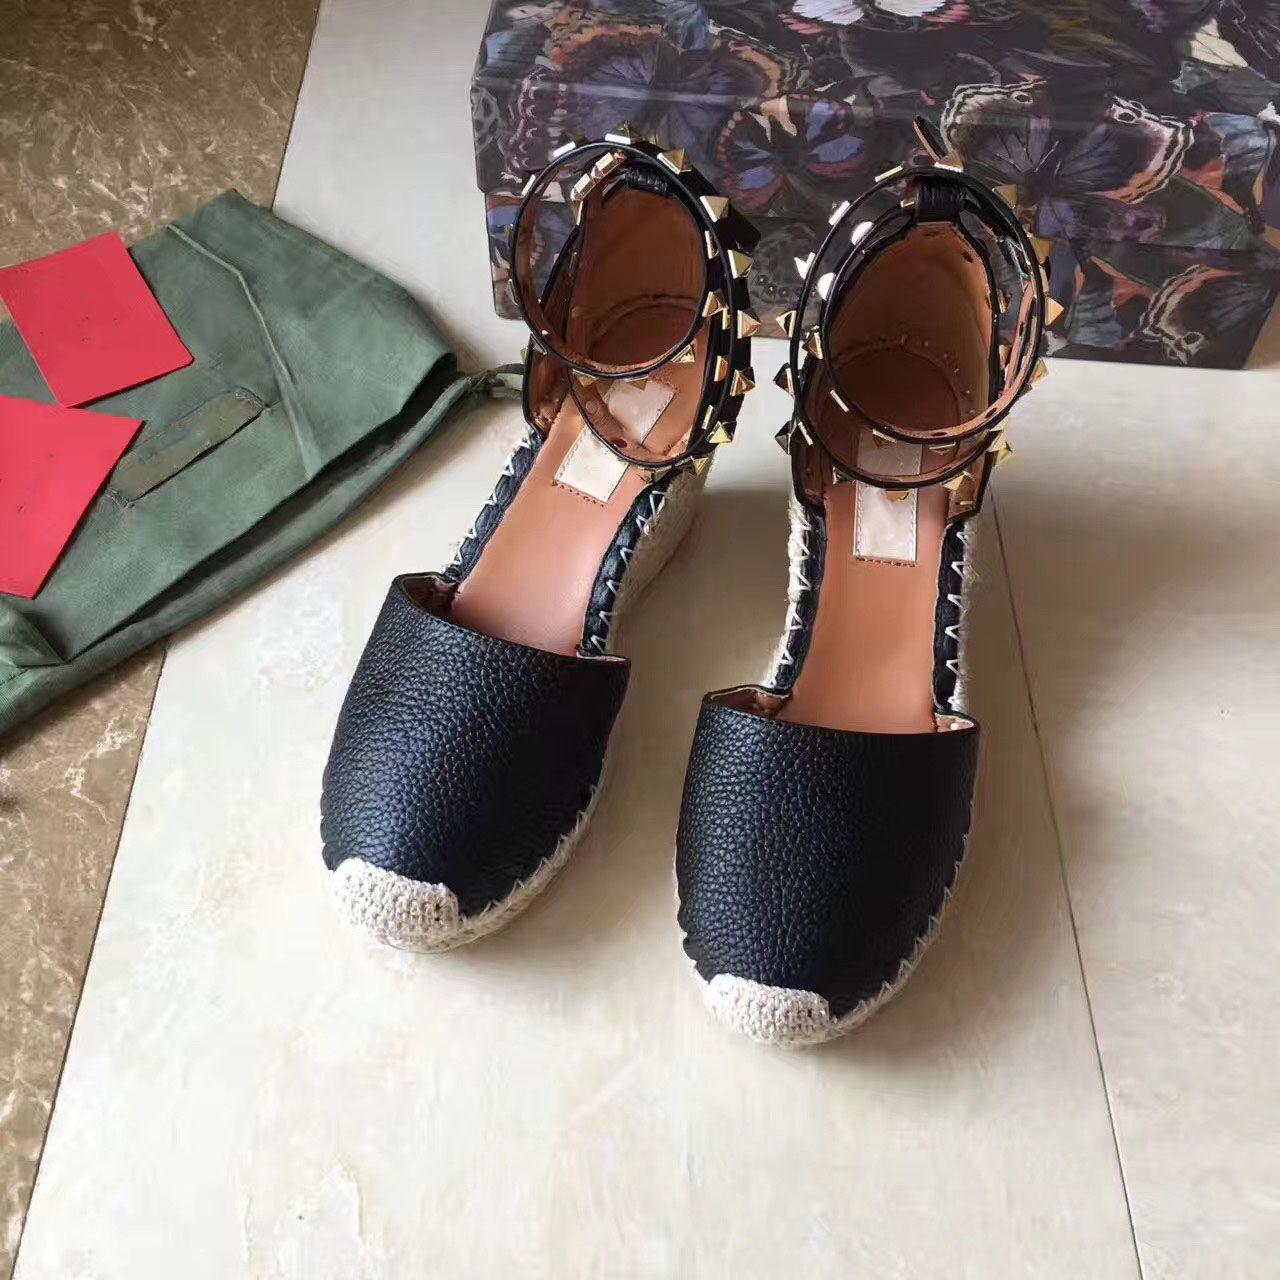 Europäische großen Namen Luxusgüter, neue Art Damenschuhe, feine Absatzschuhe, Sandalen, formale Schuhe, Webstoff Sohle aus echtem Leder, Nieten 8cm Ferse